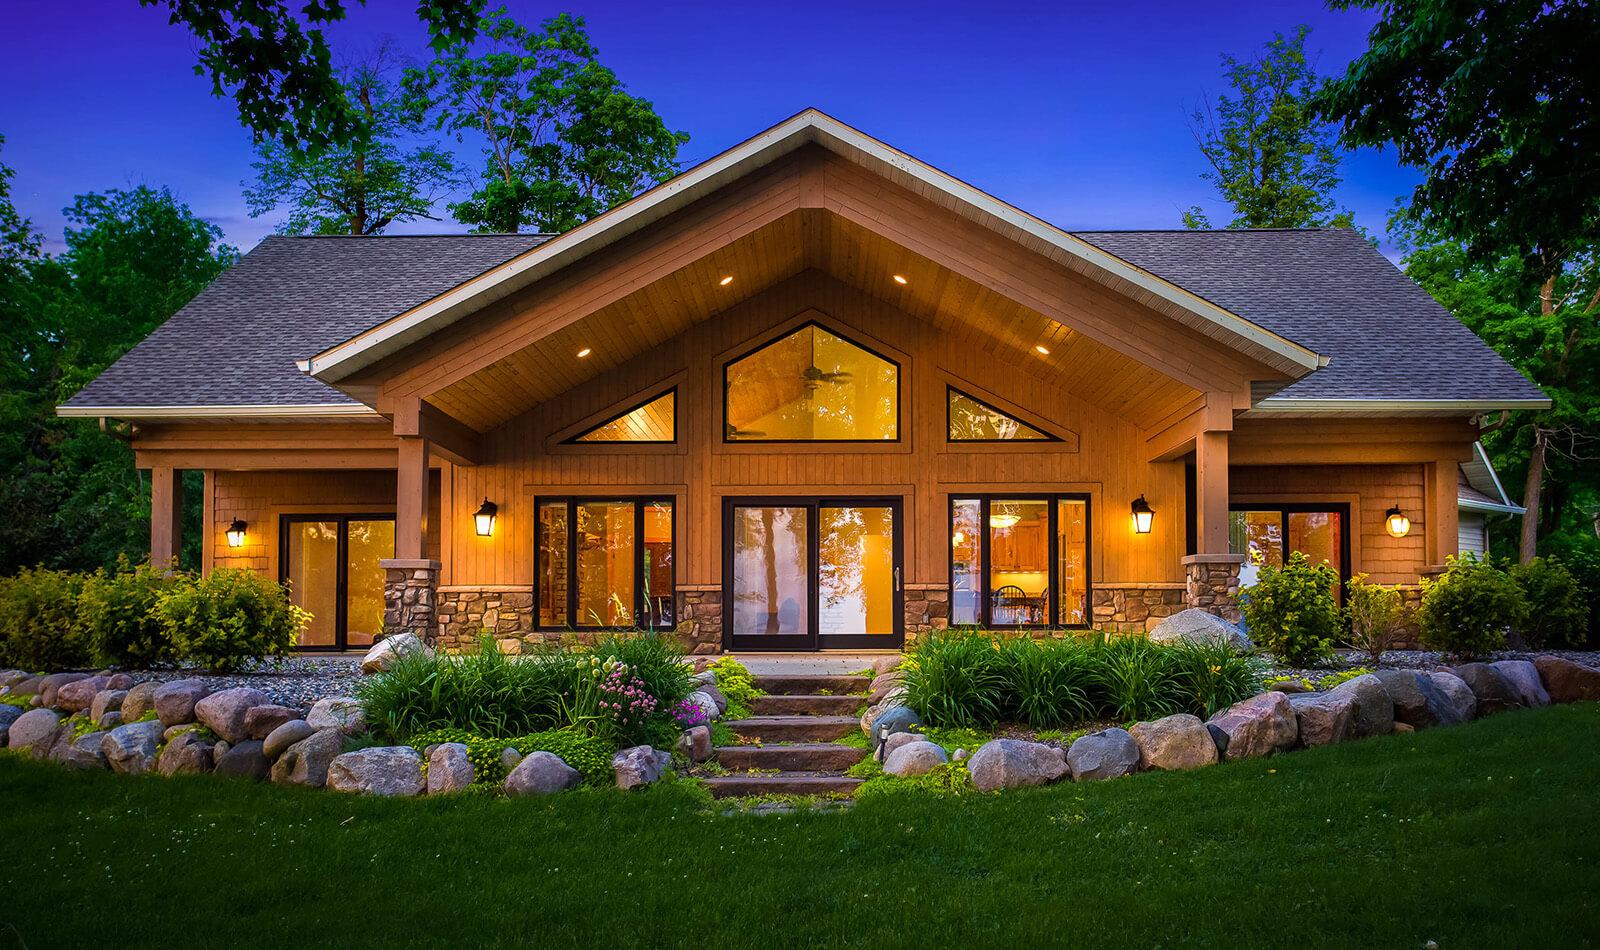 Wabana Lake Chain Real Estate | Wabana Lake Chain Homes for Sale